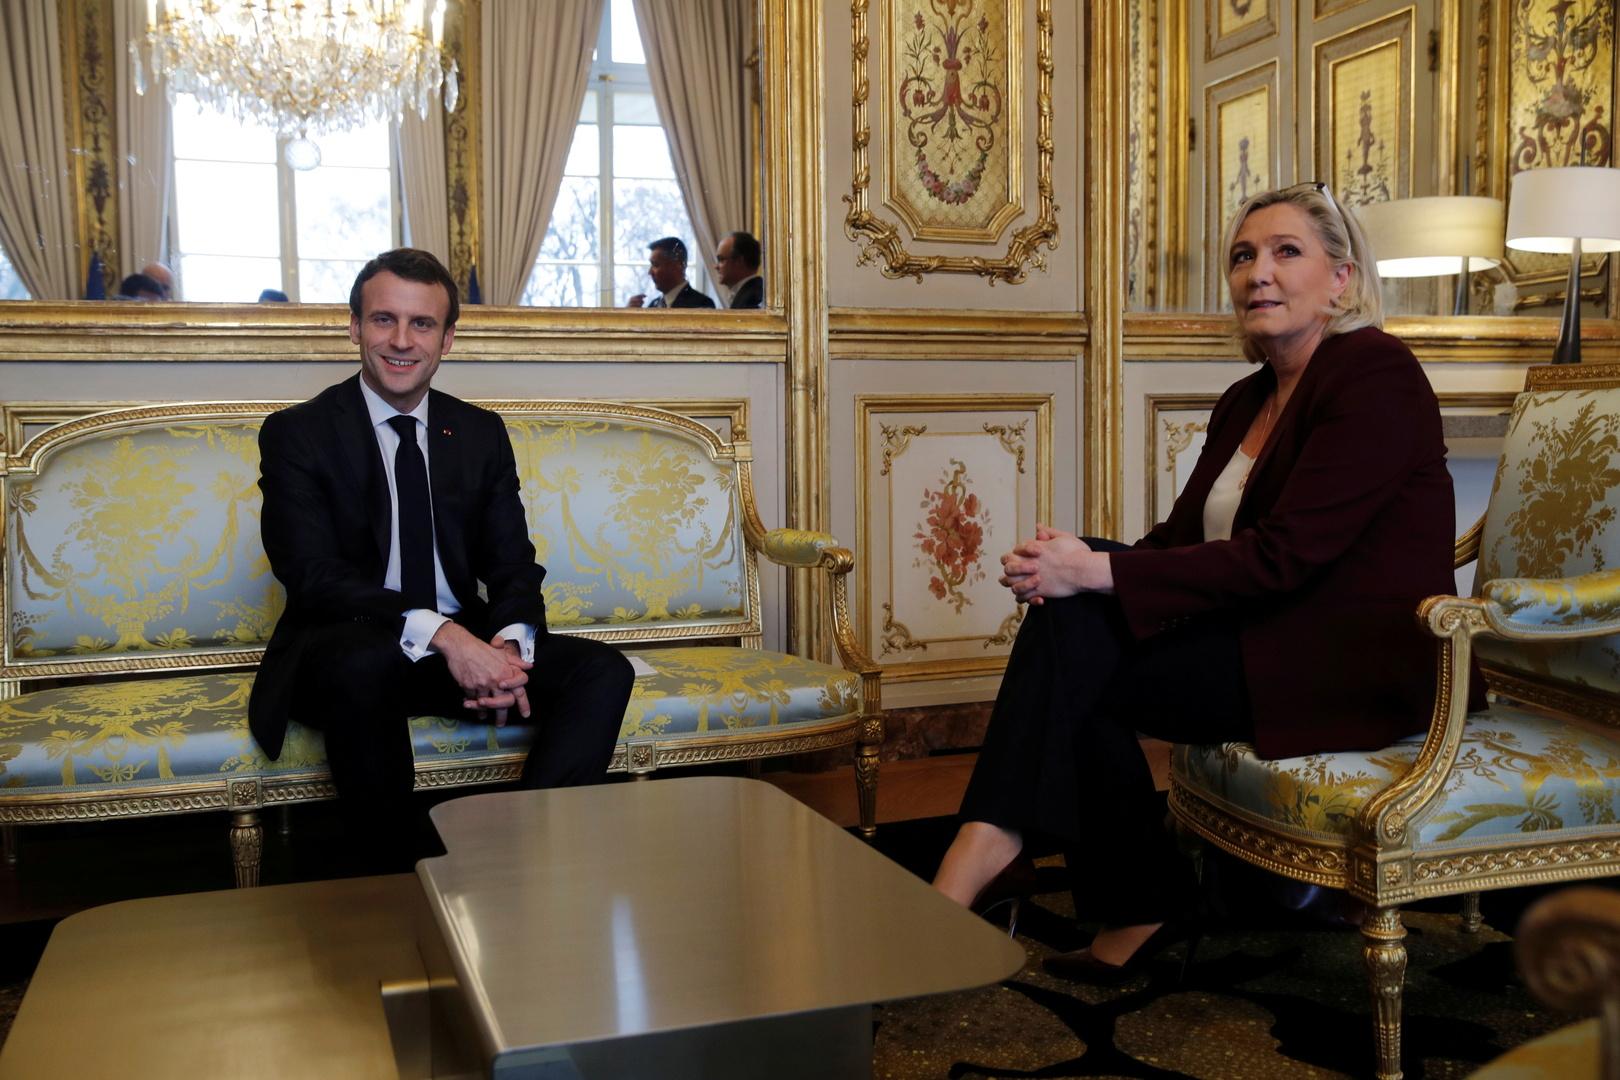 الانتخابات المحلية في فرنسا.. تقدم حزب لوبان على حزب ماكرون